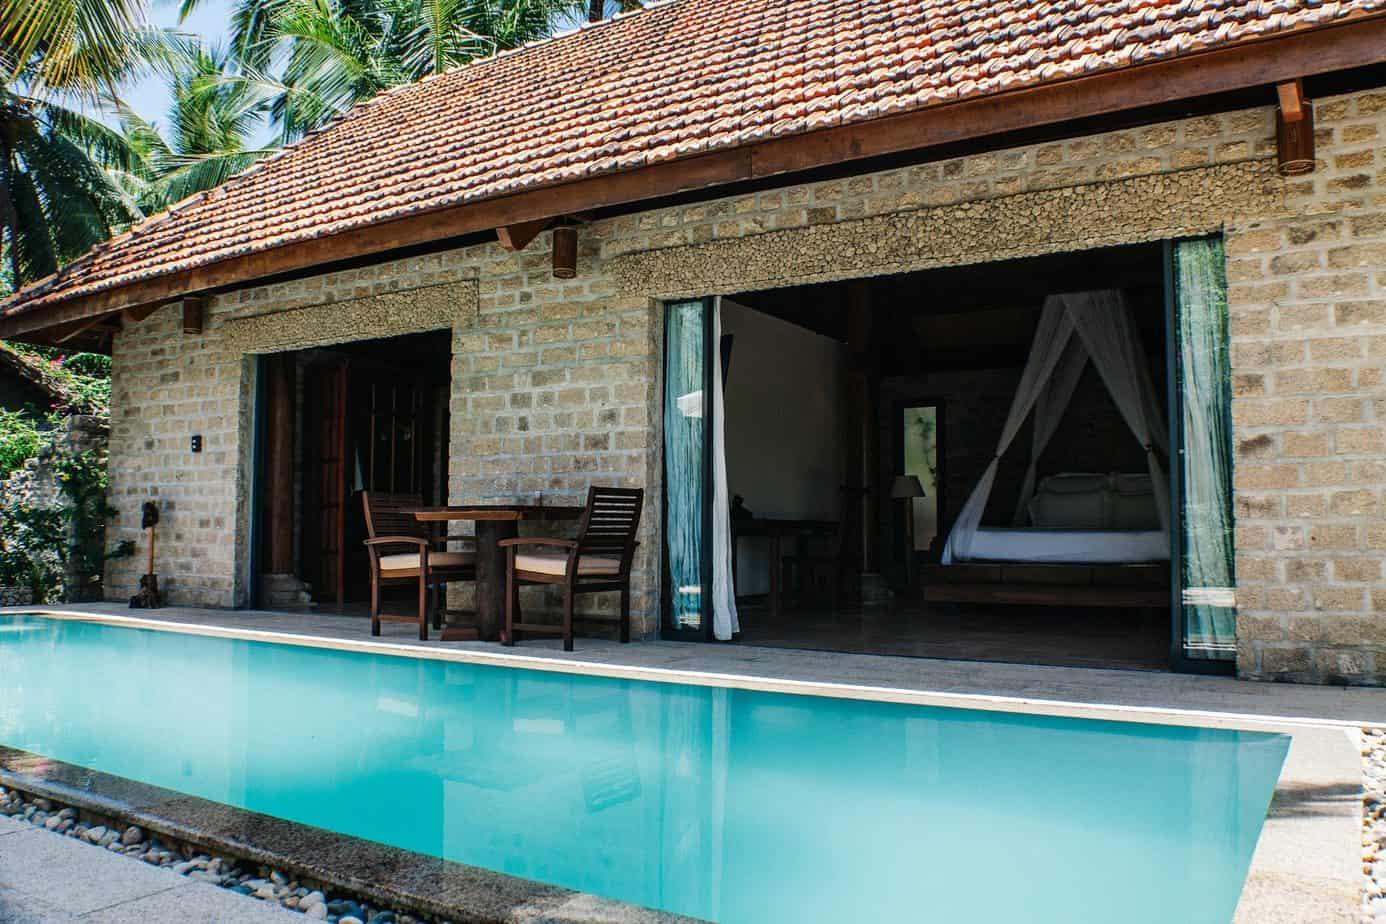 Top 10 Biệt Thự Sang Trọng Cho Thuê Ở Nha Trang - biệt thự đẹp cho thuê ở nha trang - Acqua Villa Nha Trang | An Bình Villas | An Home 39